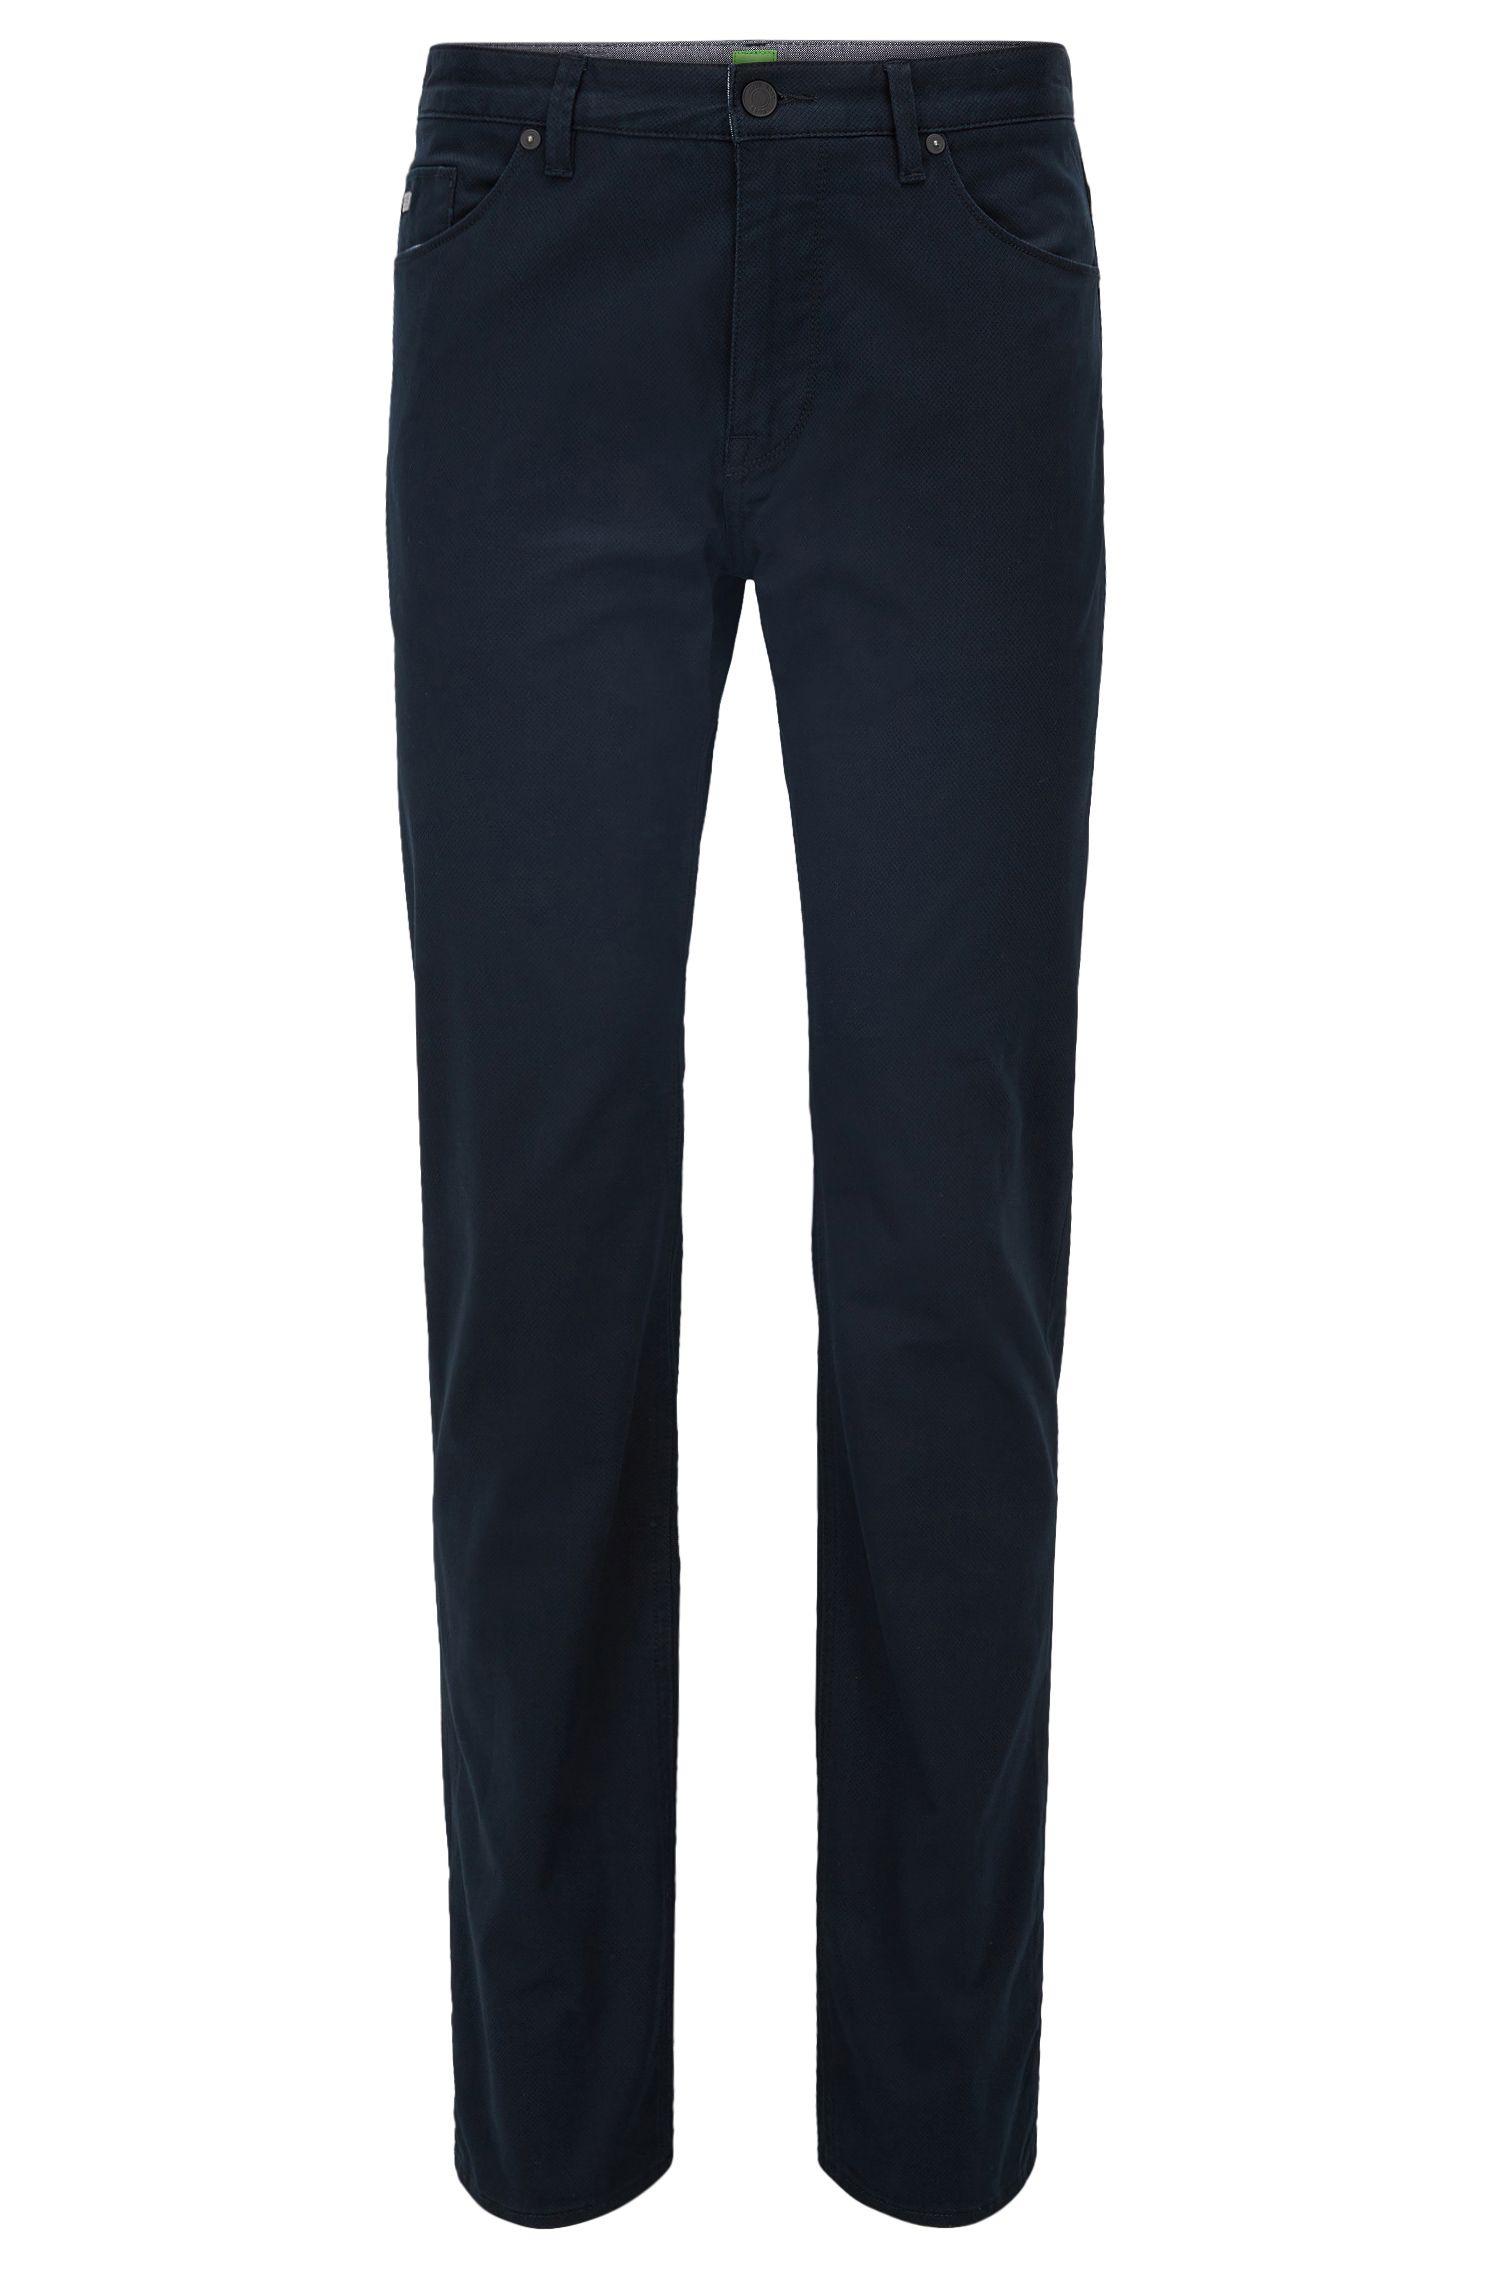 Bedruckte Regular-Fit Jeans aus elastischer Baumwolle